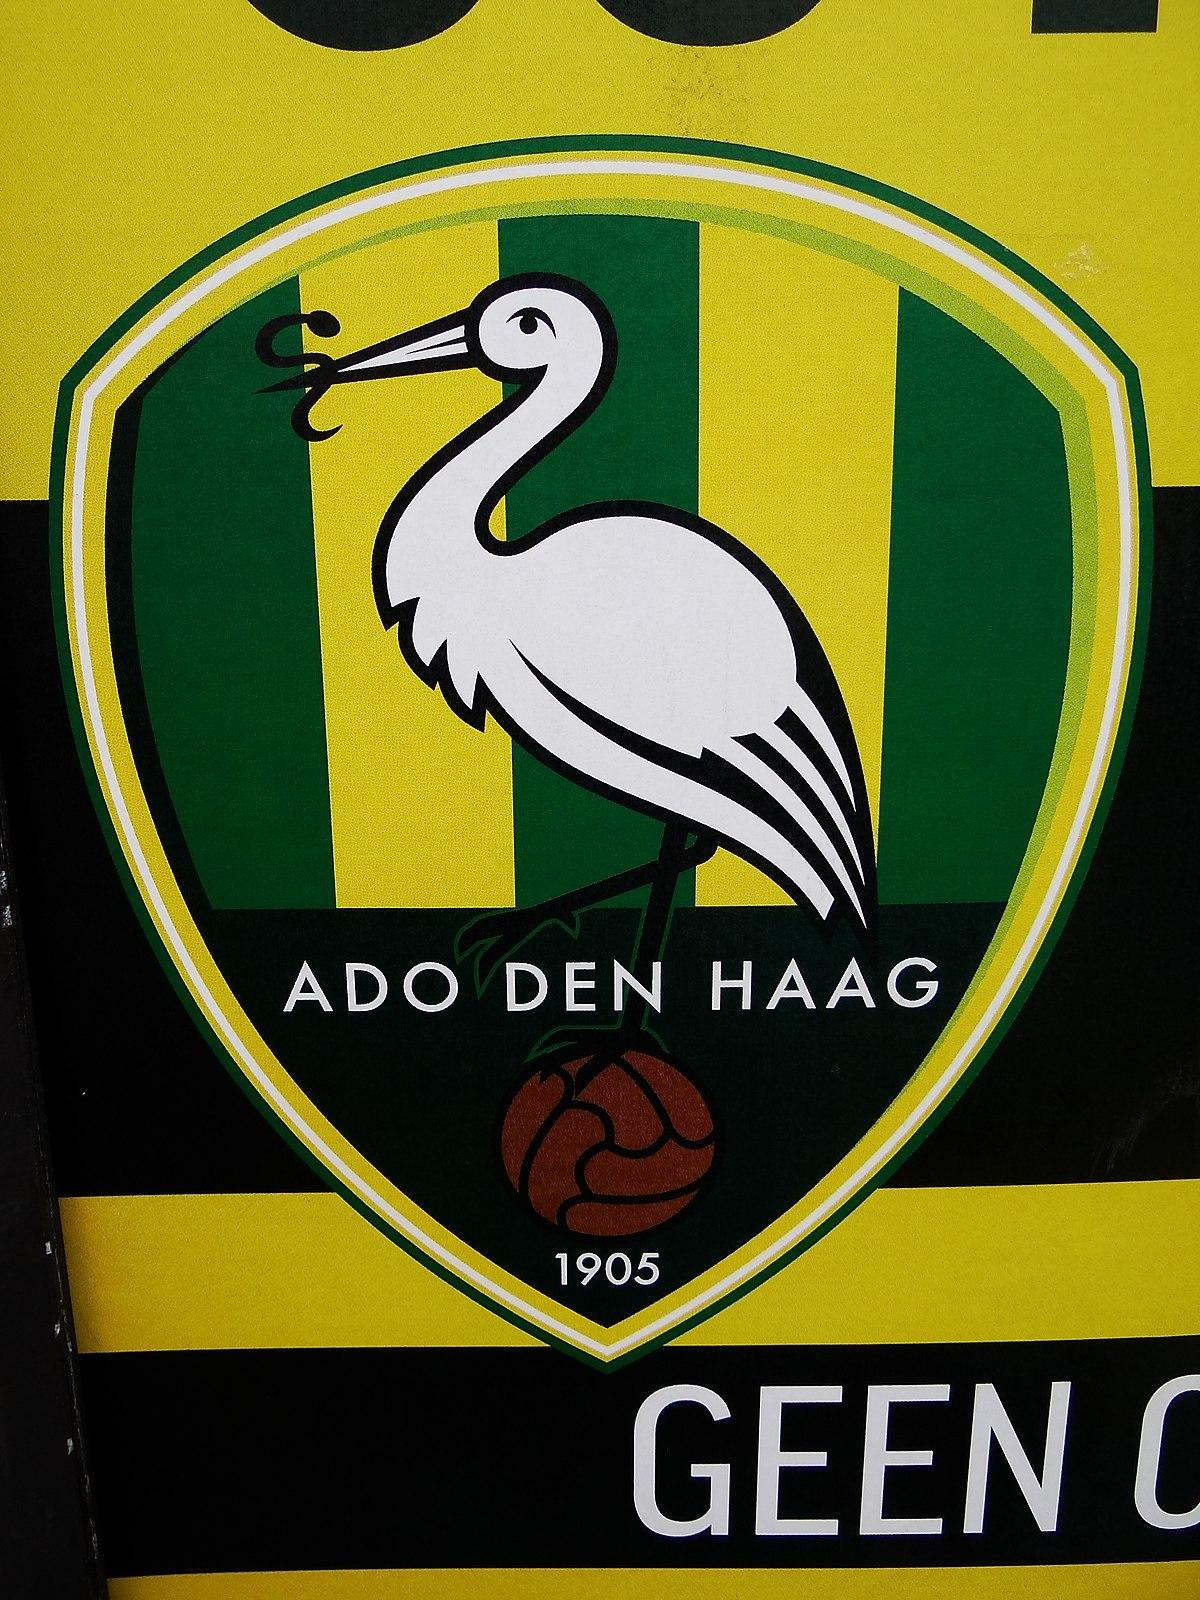 Ado Den Haag Wikipedia